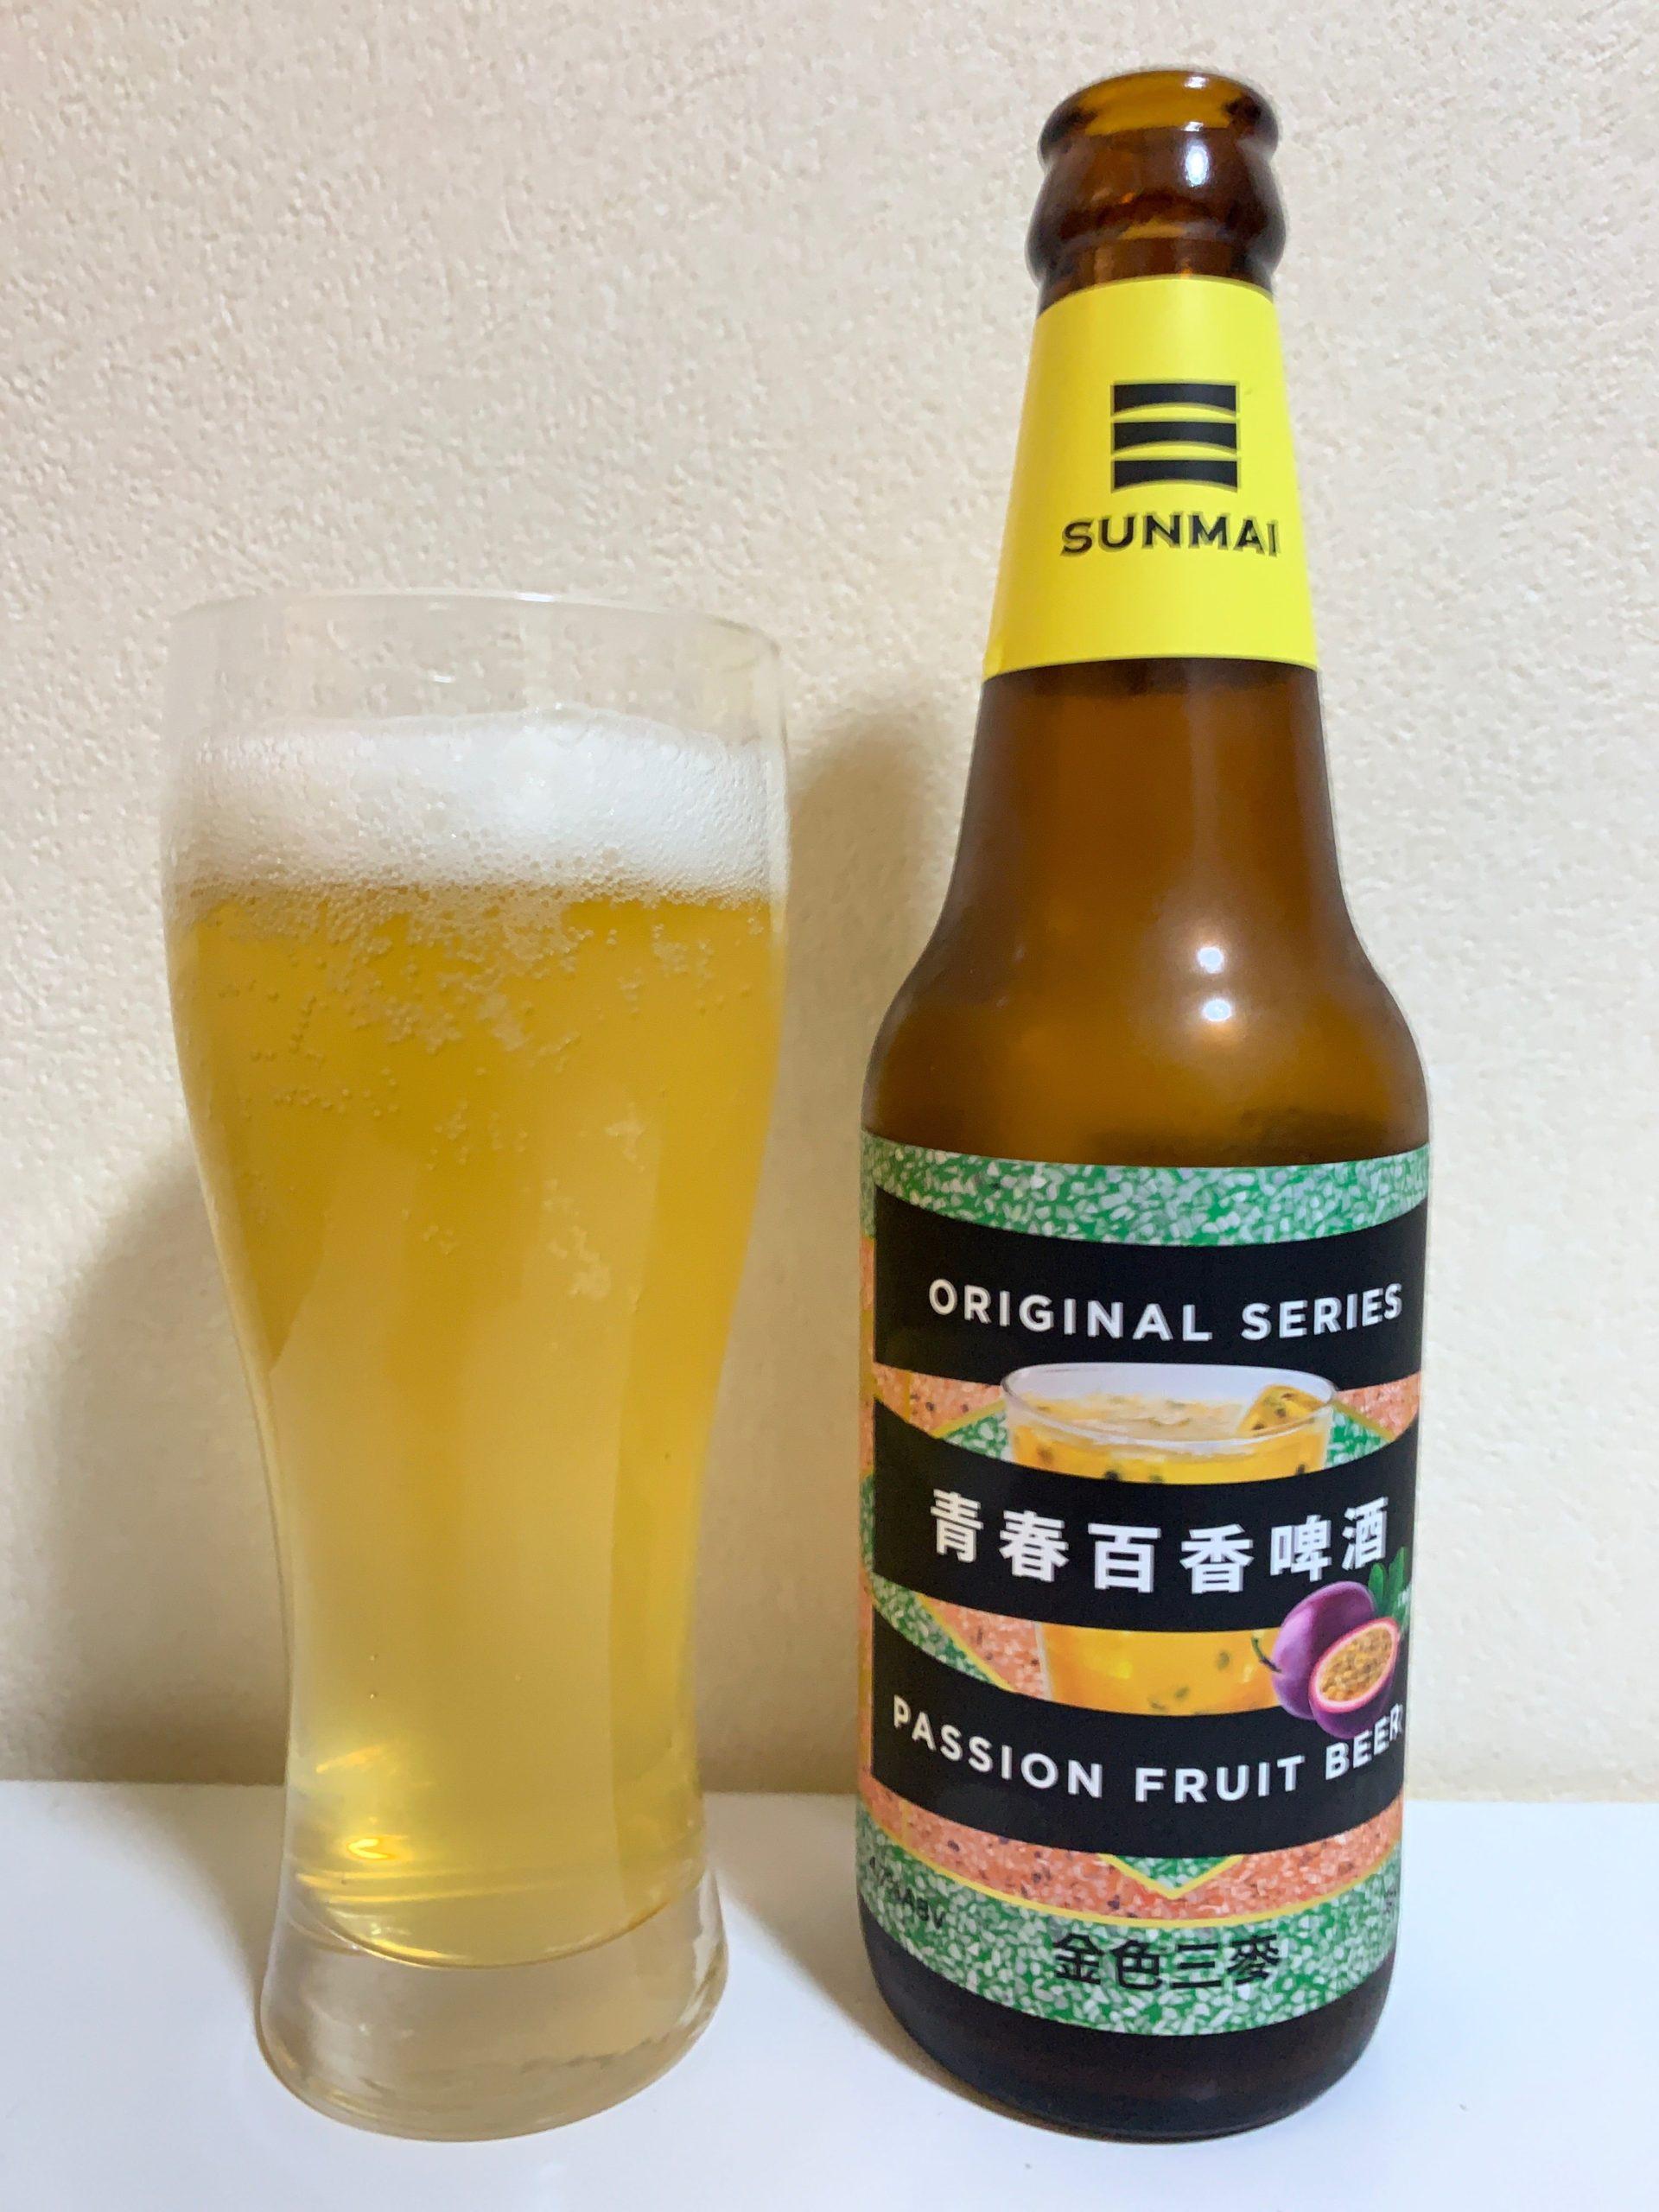 SUNMAI PASSION FRUIT BEER(サンマイ パッションフルーツ エール)